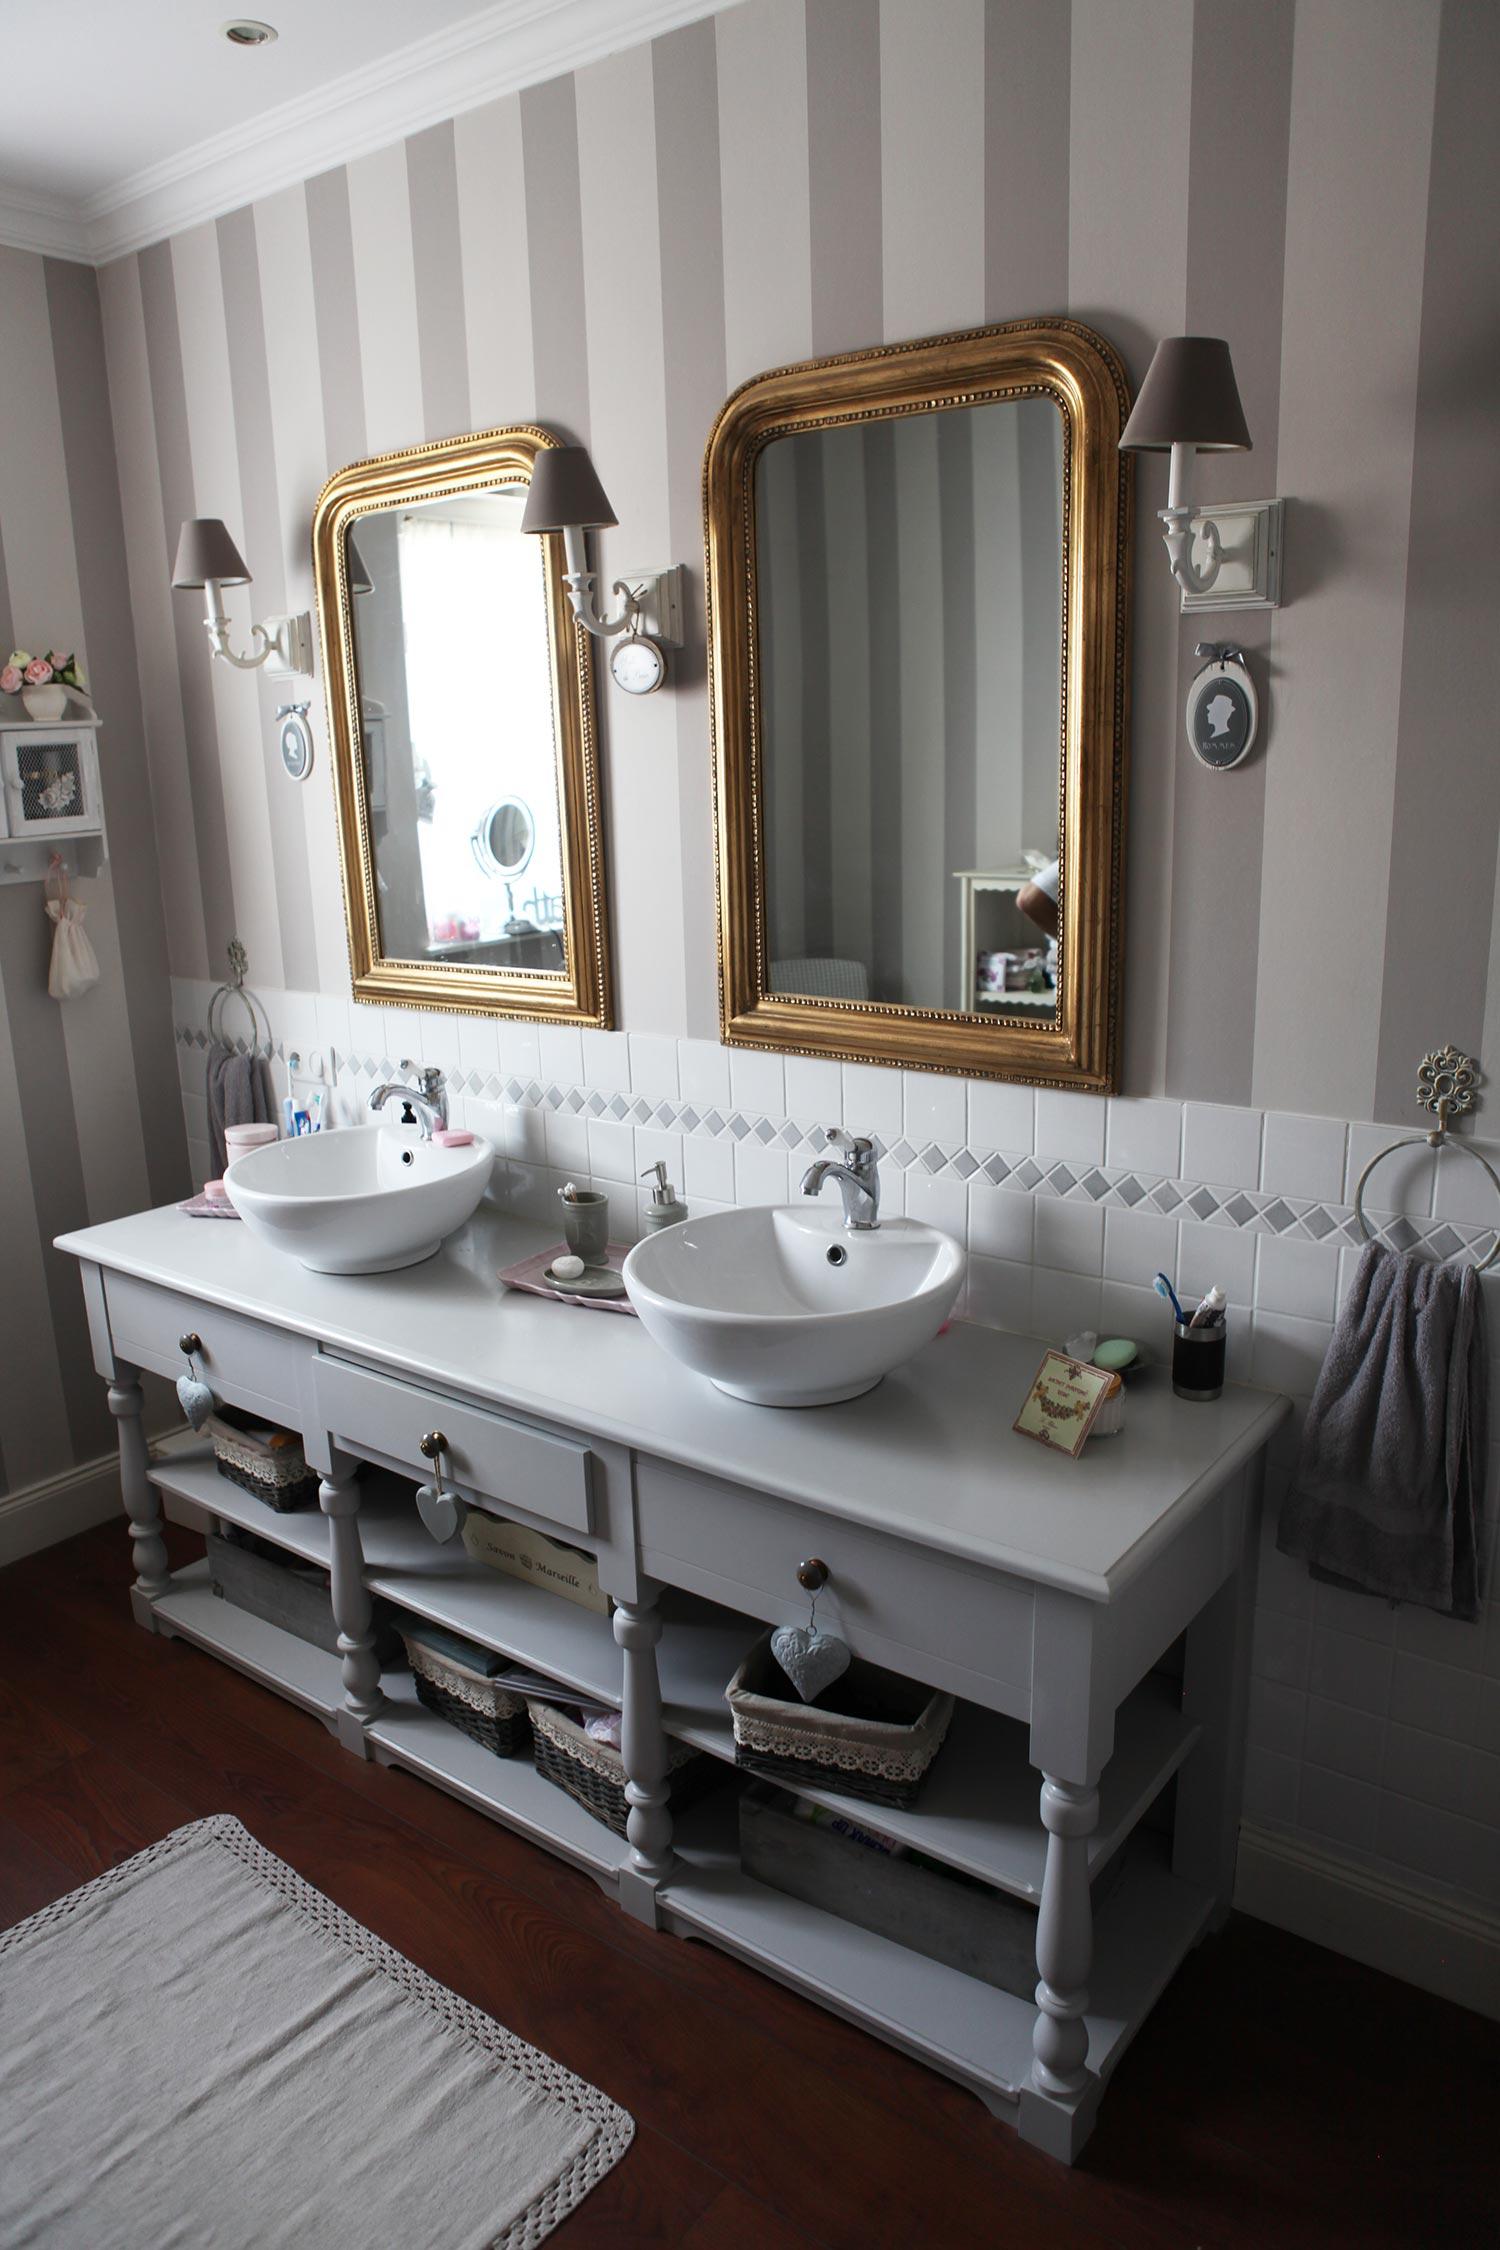 ebenisterie-girard-salle-de-bains-(7)